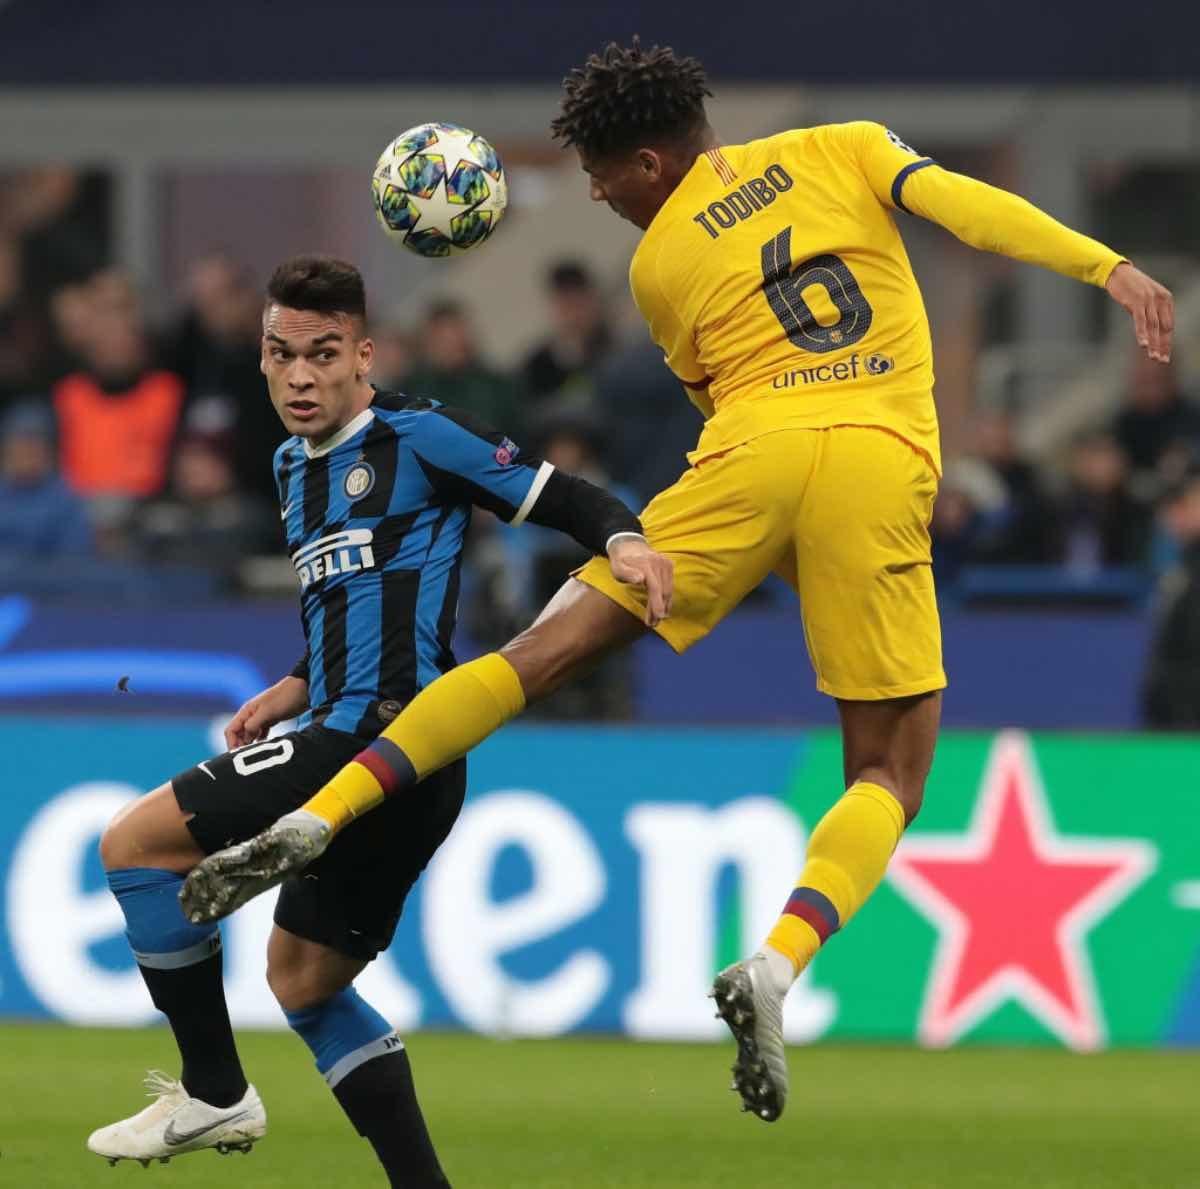 Calciomercato Milan, ottimismo per Tobido: ok del Barcellona, la richiesta del difensore